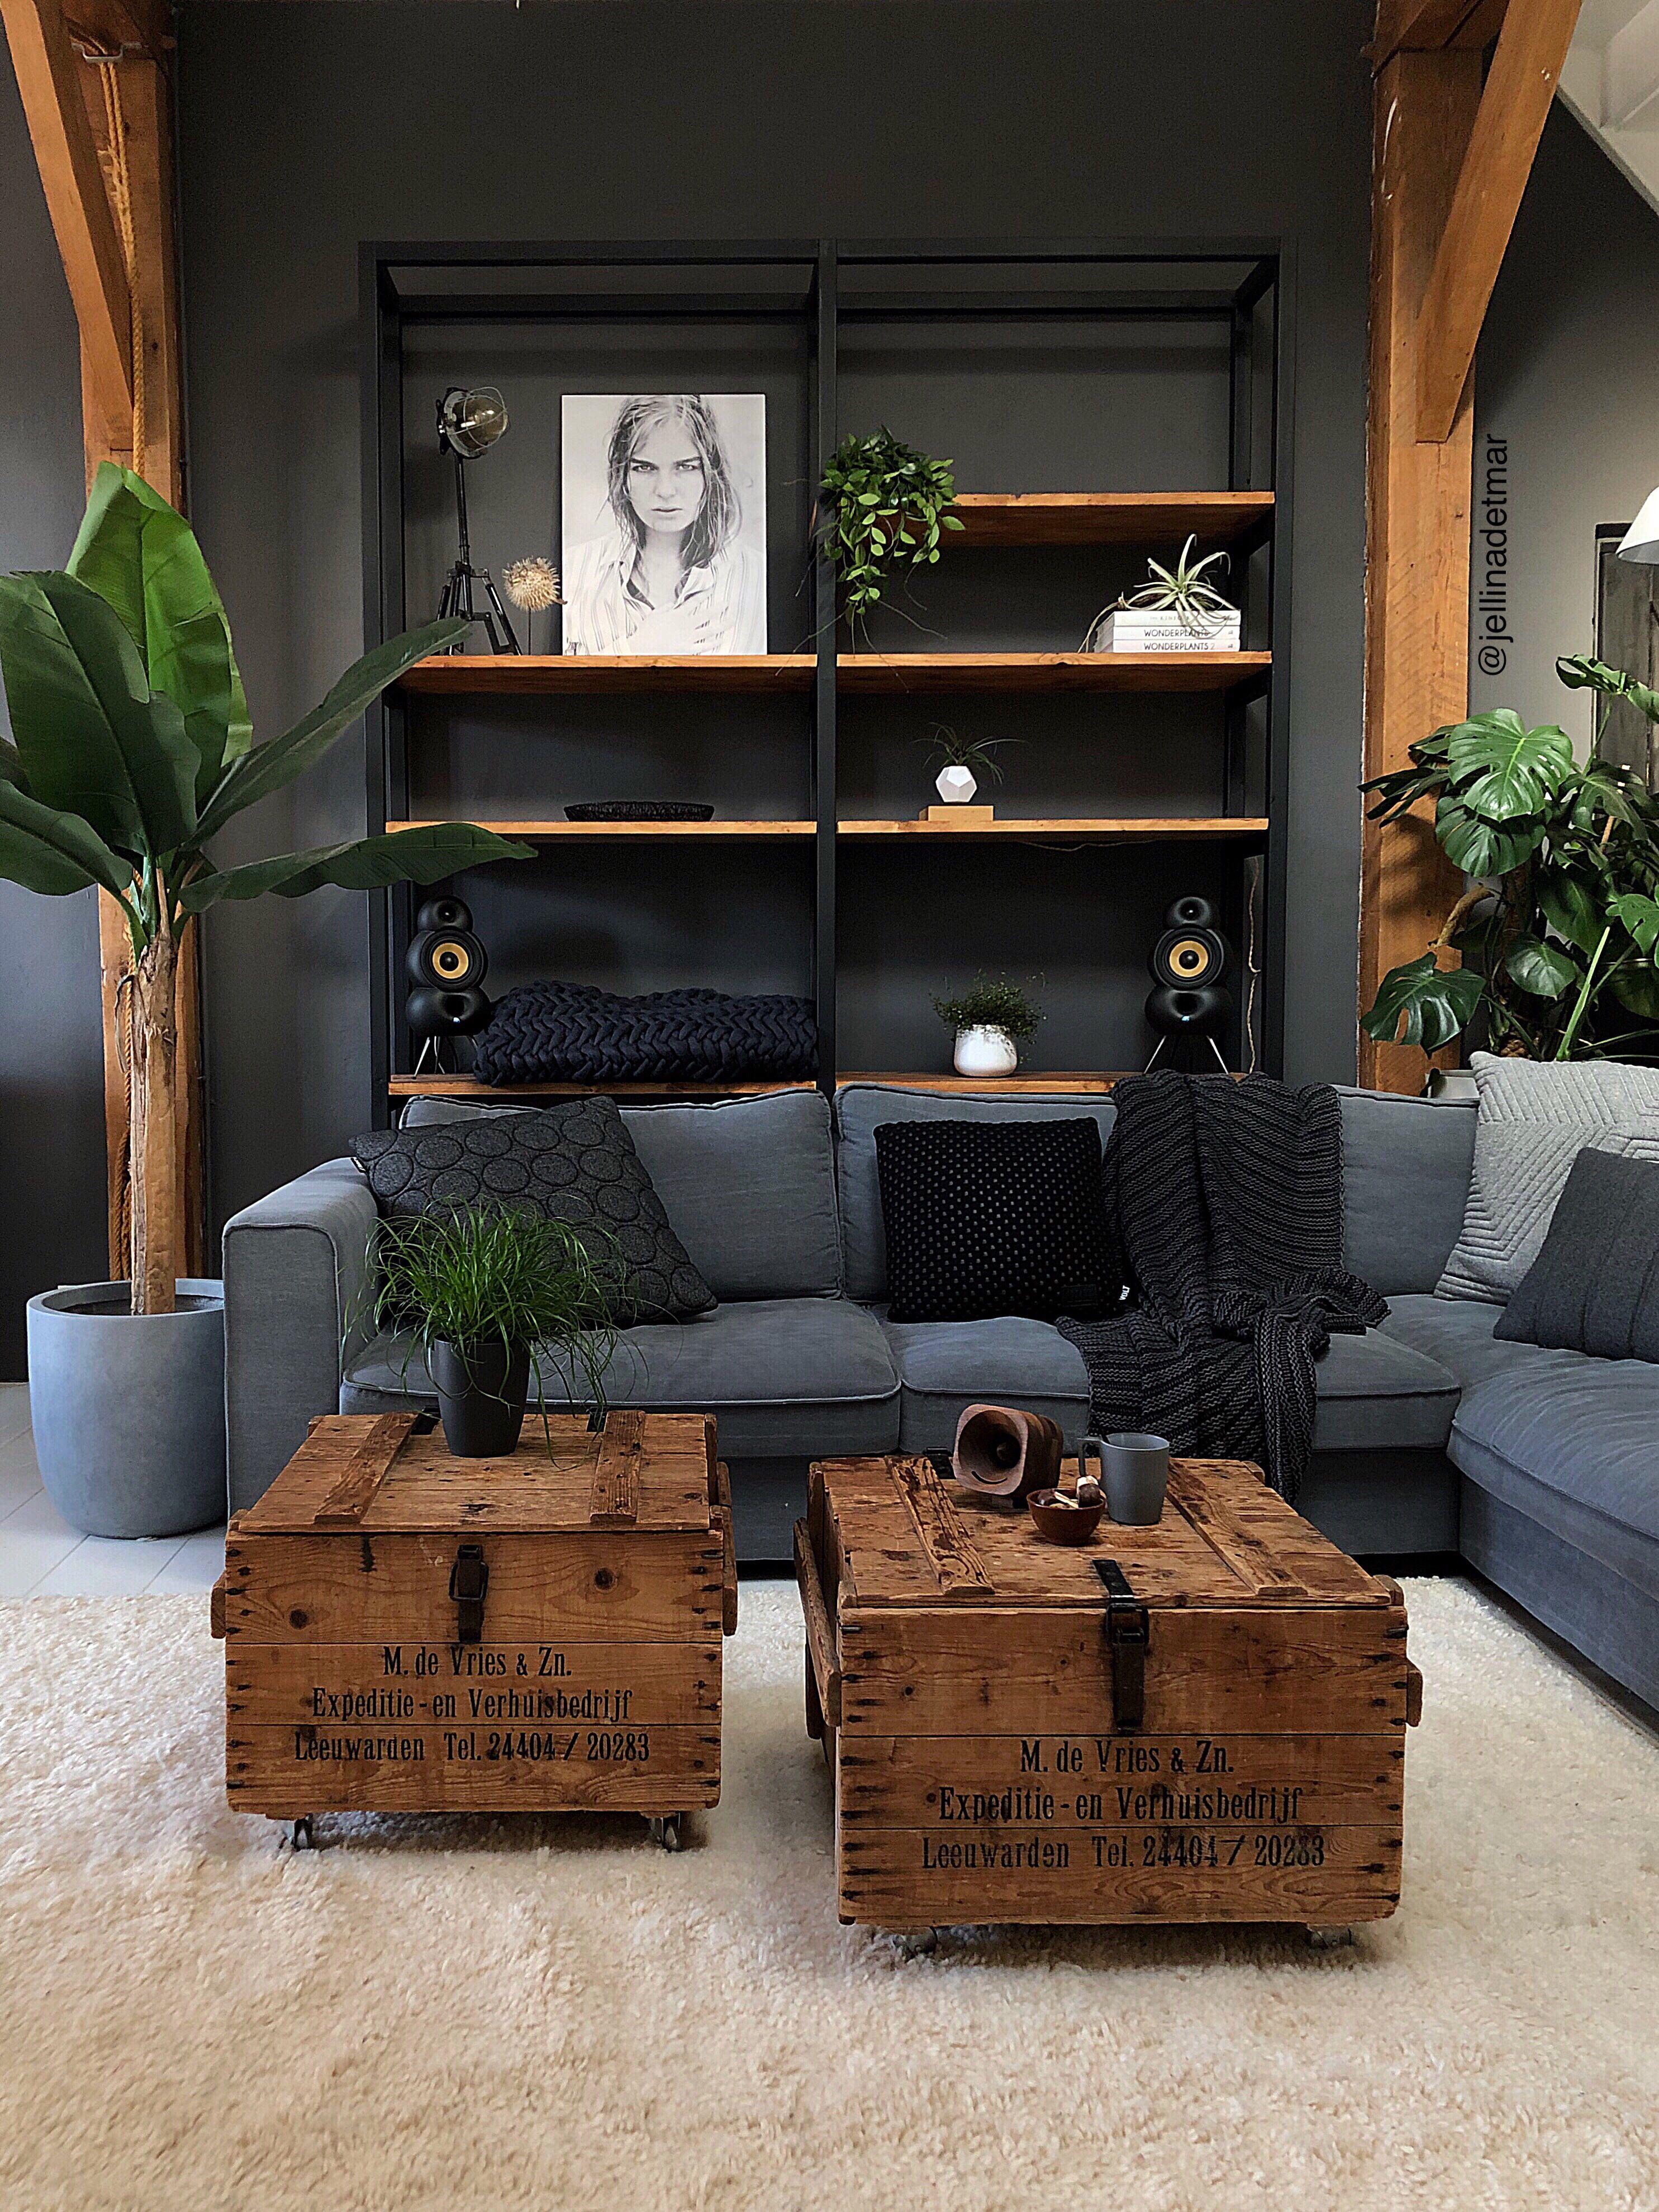 Photo of Jellina Detmar Interieur & Styling blog | Prachtige patronen en mooie kleuren plaids en kussens!